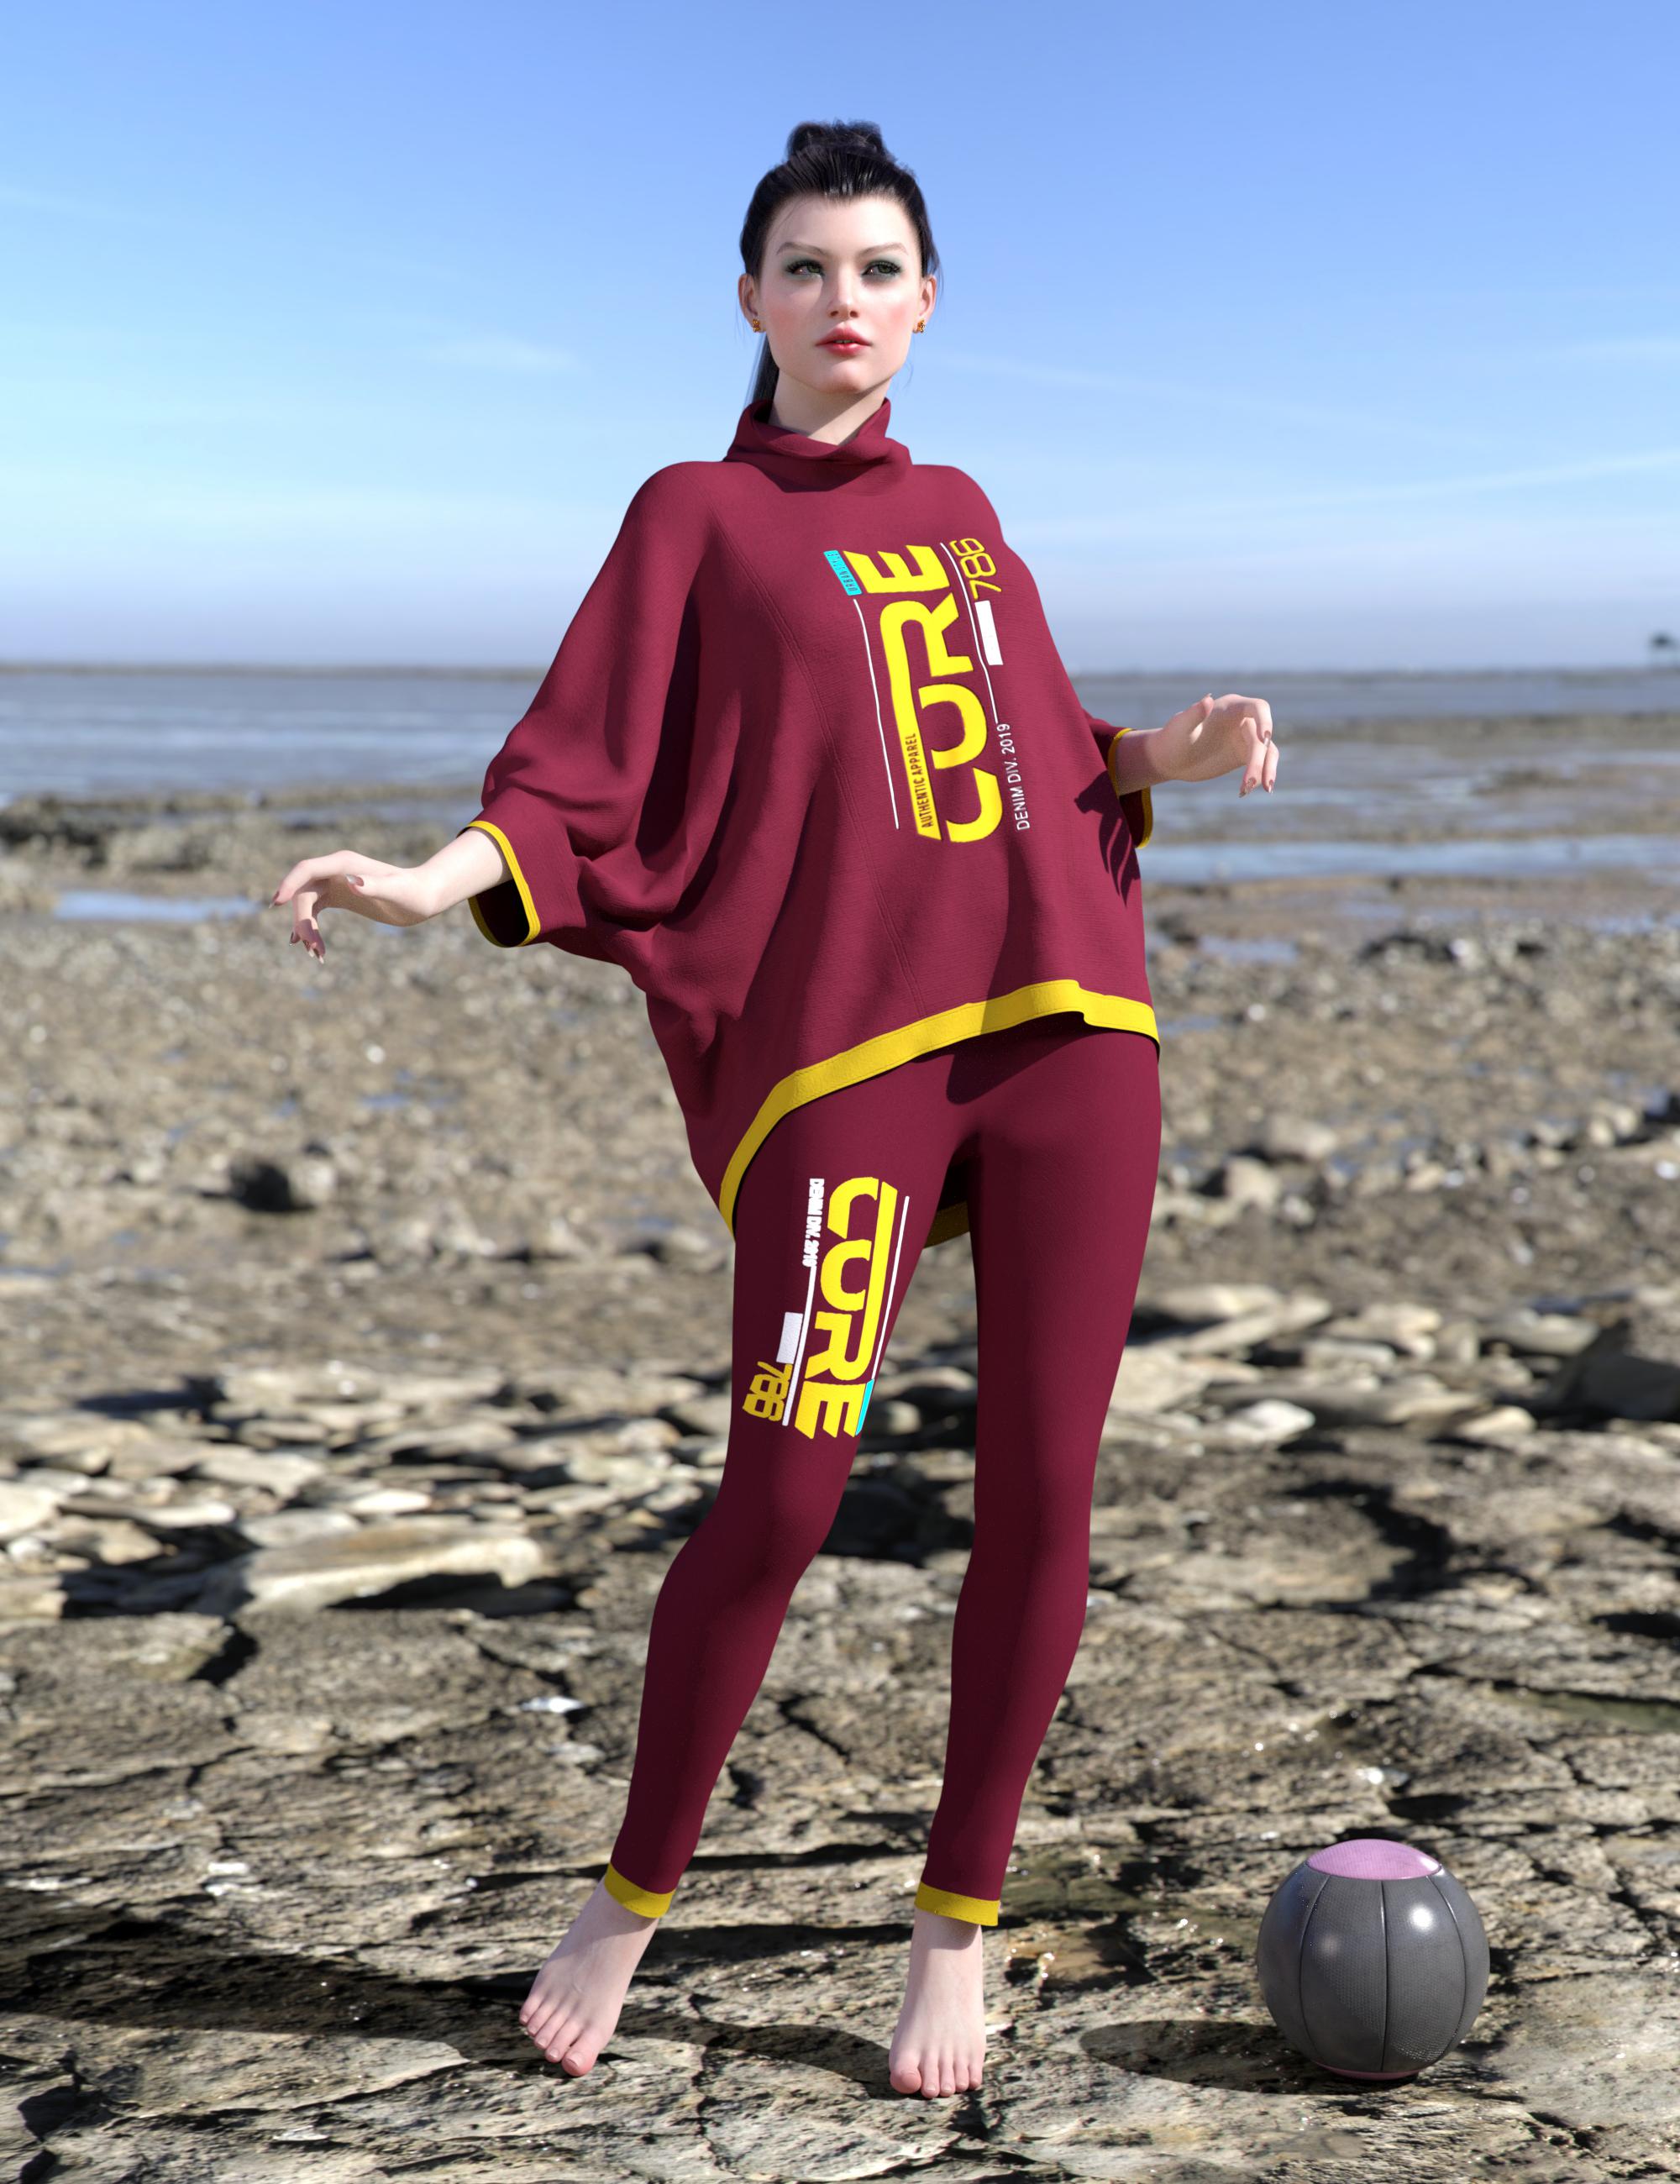 dForce Allegra Outfit Texture Expansion by: Nelmi, 3D Models by Daz 3D